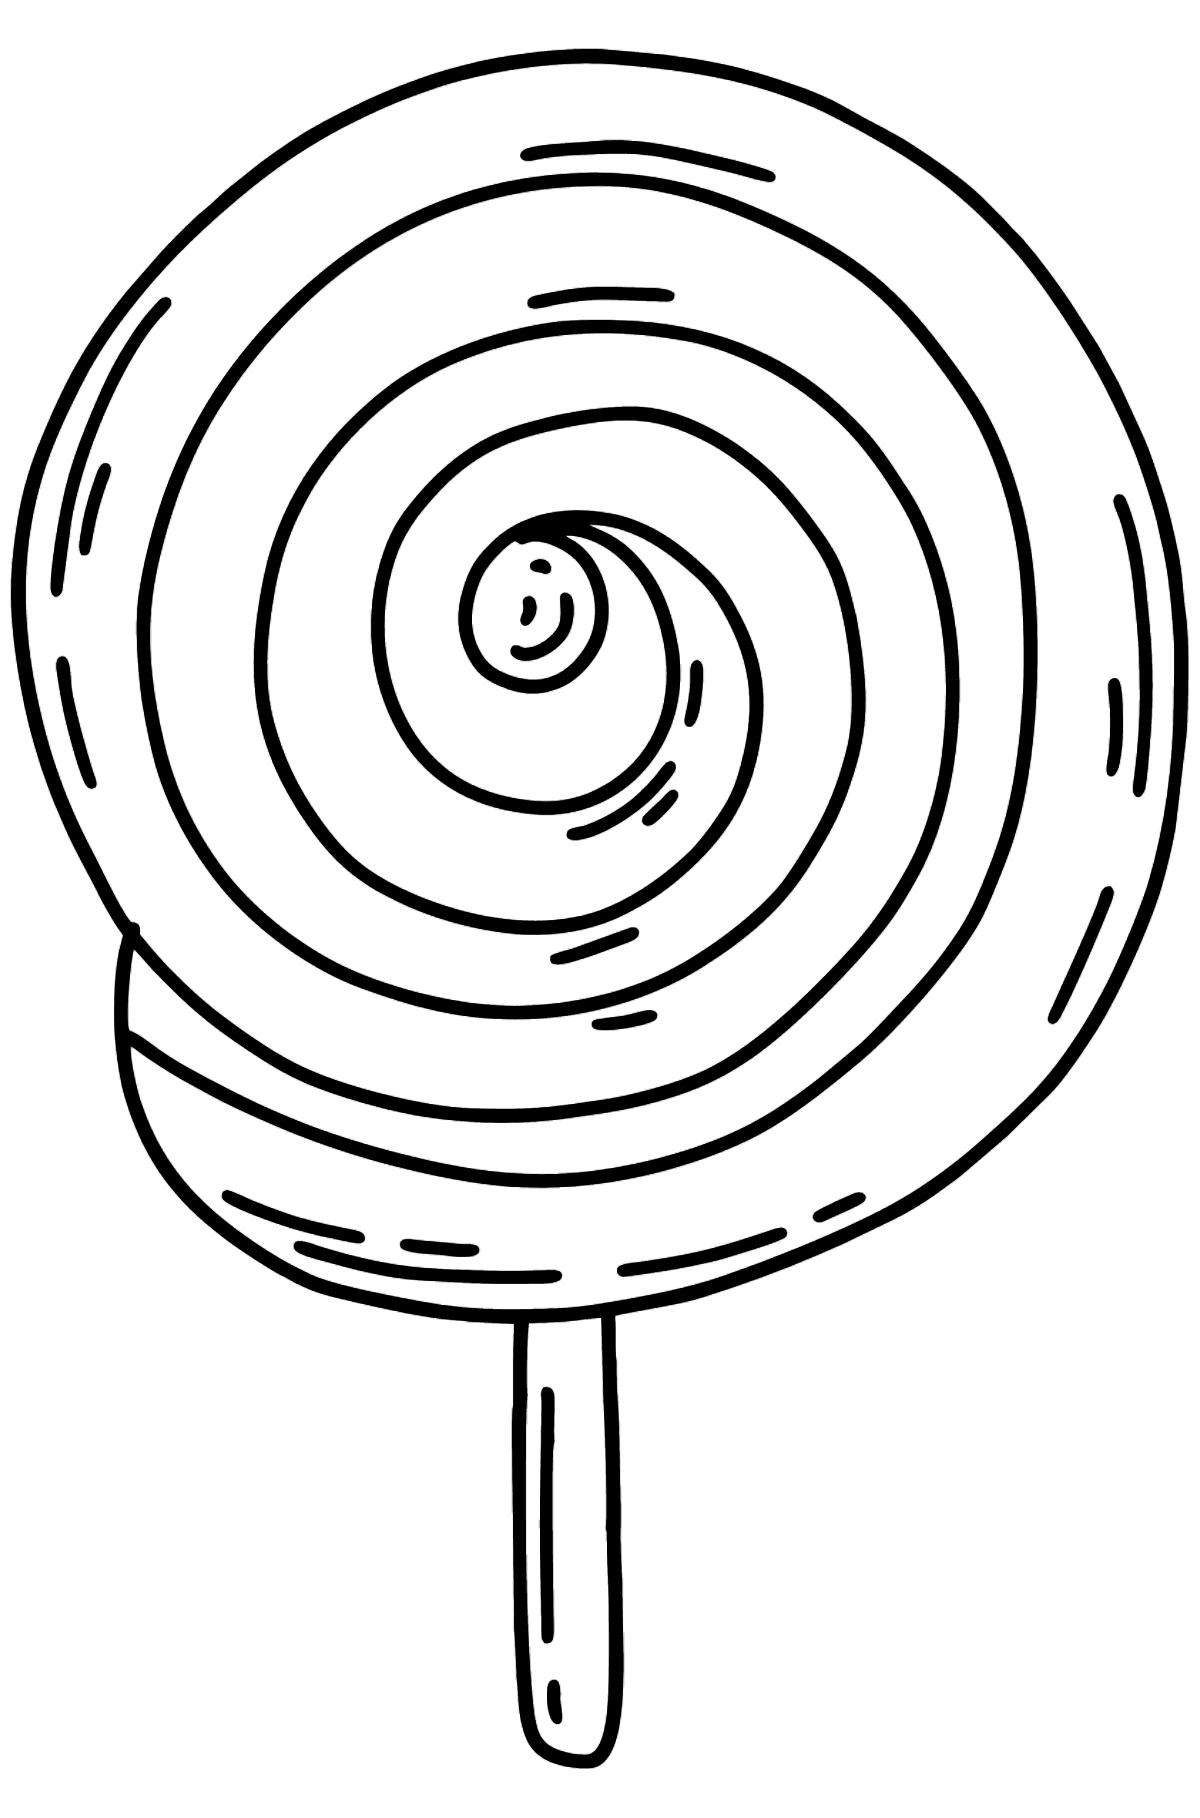 Lollipop auf einem Stick Ausmalbild - Malvorlagen für Kinder